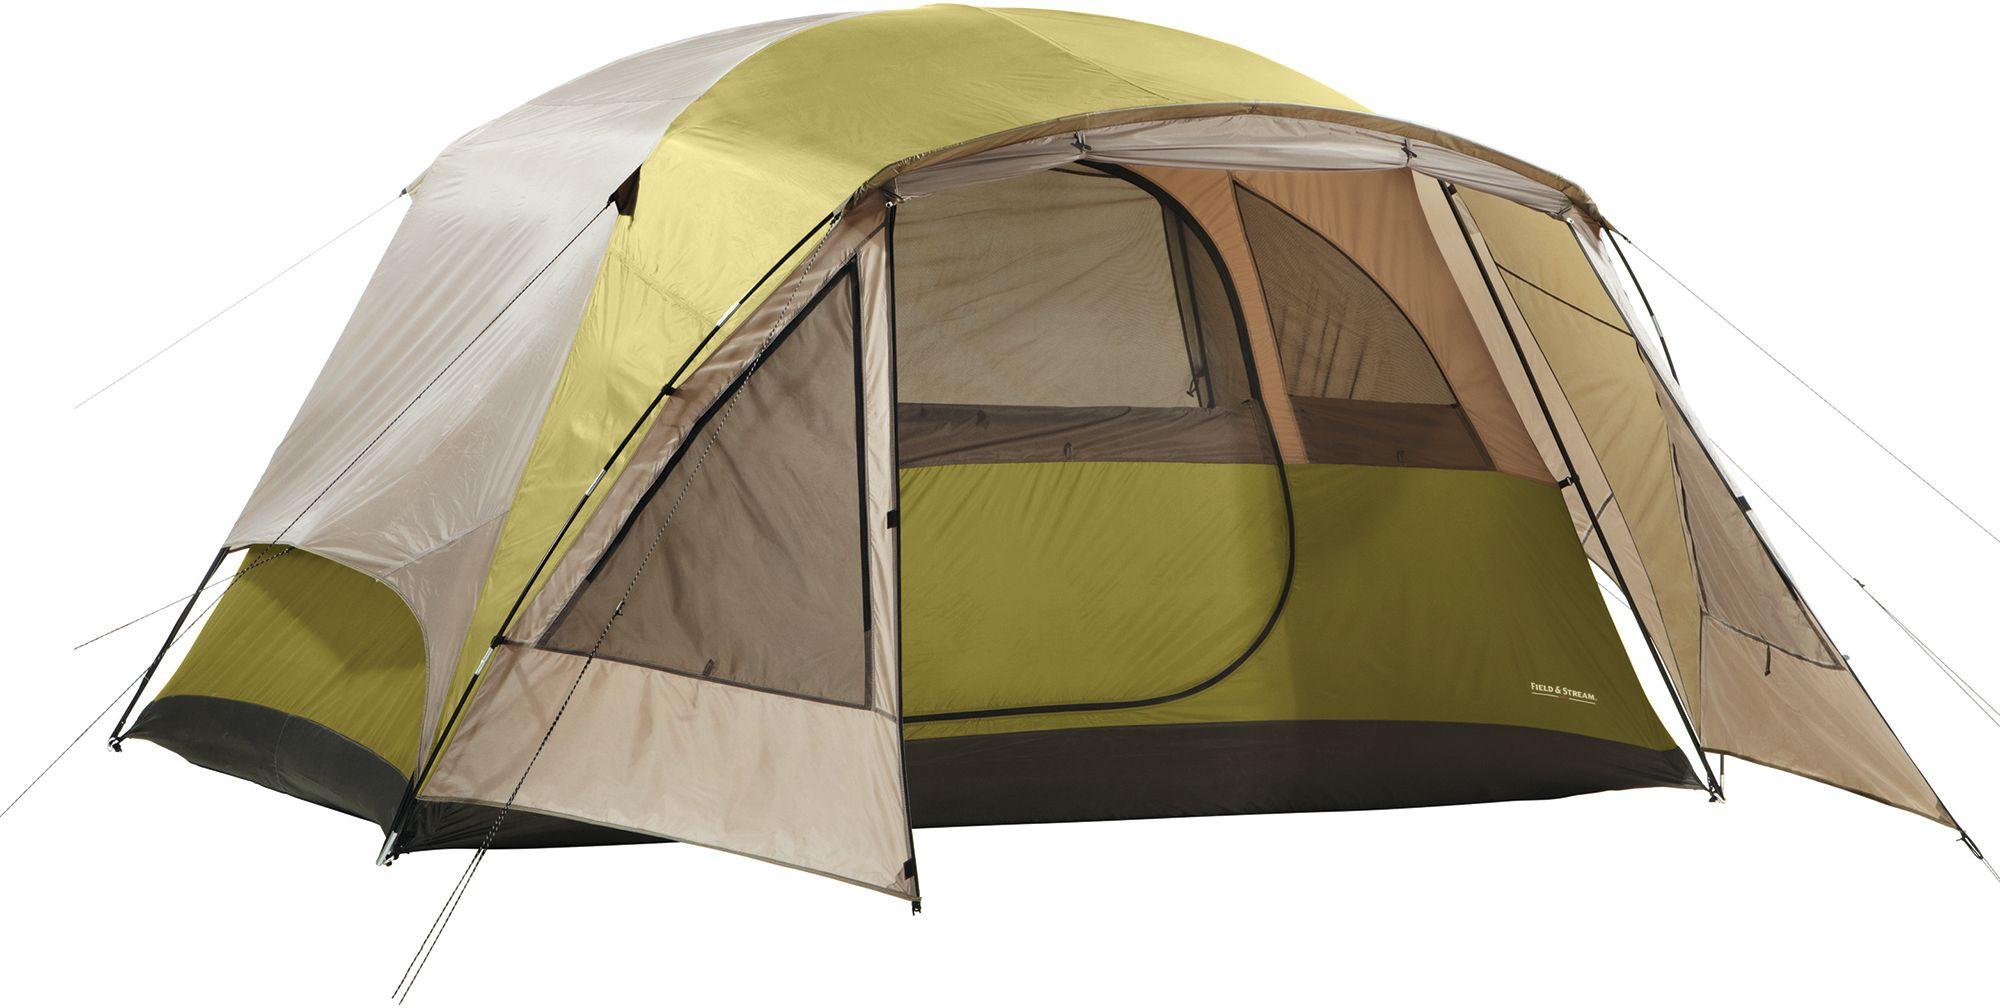 Field u0026 Stream Wilderness Lodge 6 Person Dome Tent  sc 1 st  Field u0026 Stream & Field u0026 Stream Wilderness Lodge 6 Person Dome Tent | Field u0026 Stream